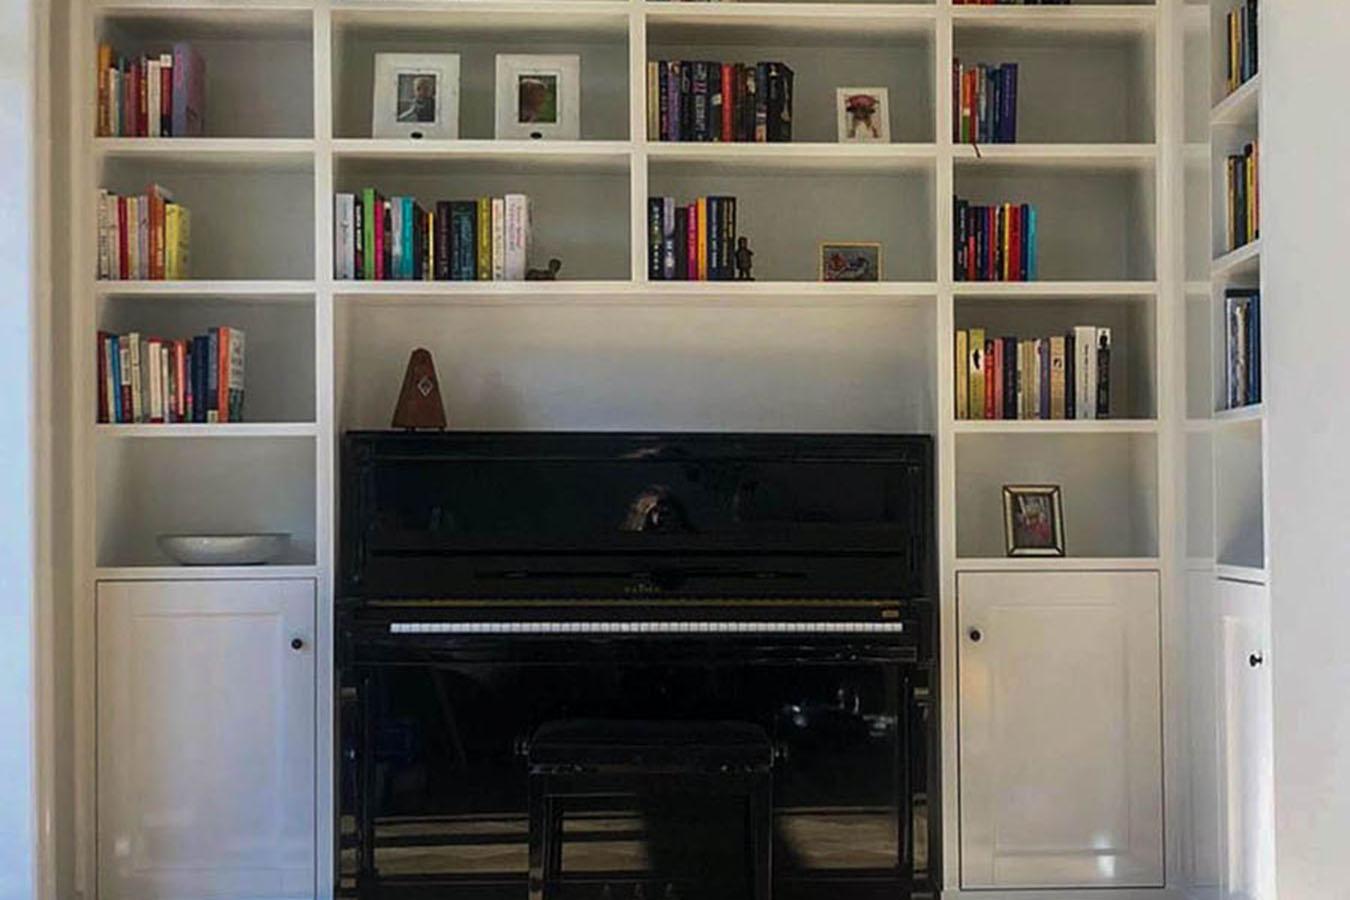 In deze boekenkast zit een piano verwerkt